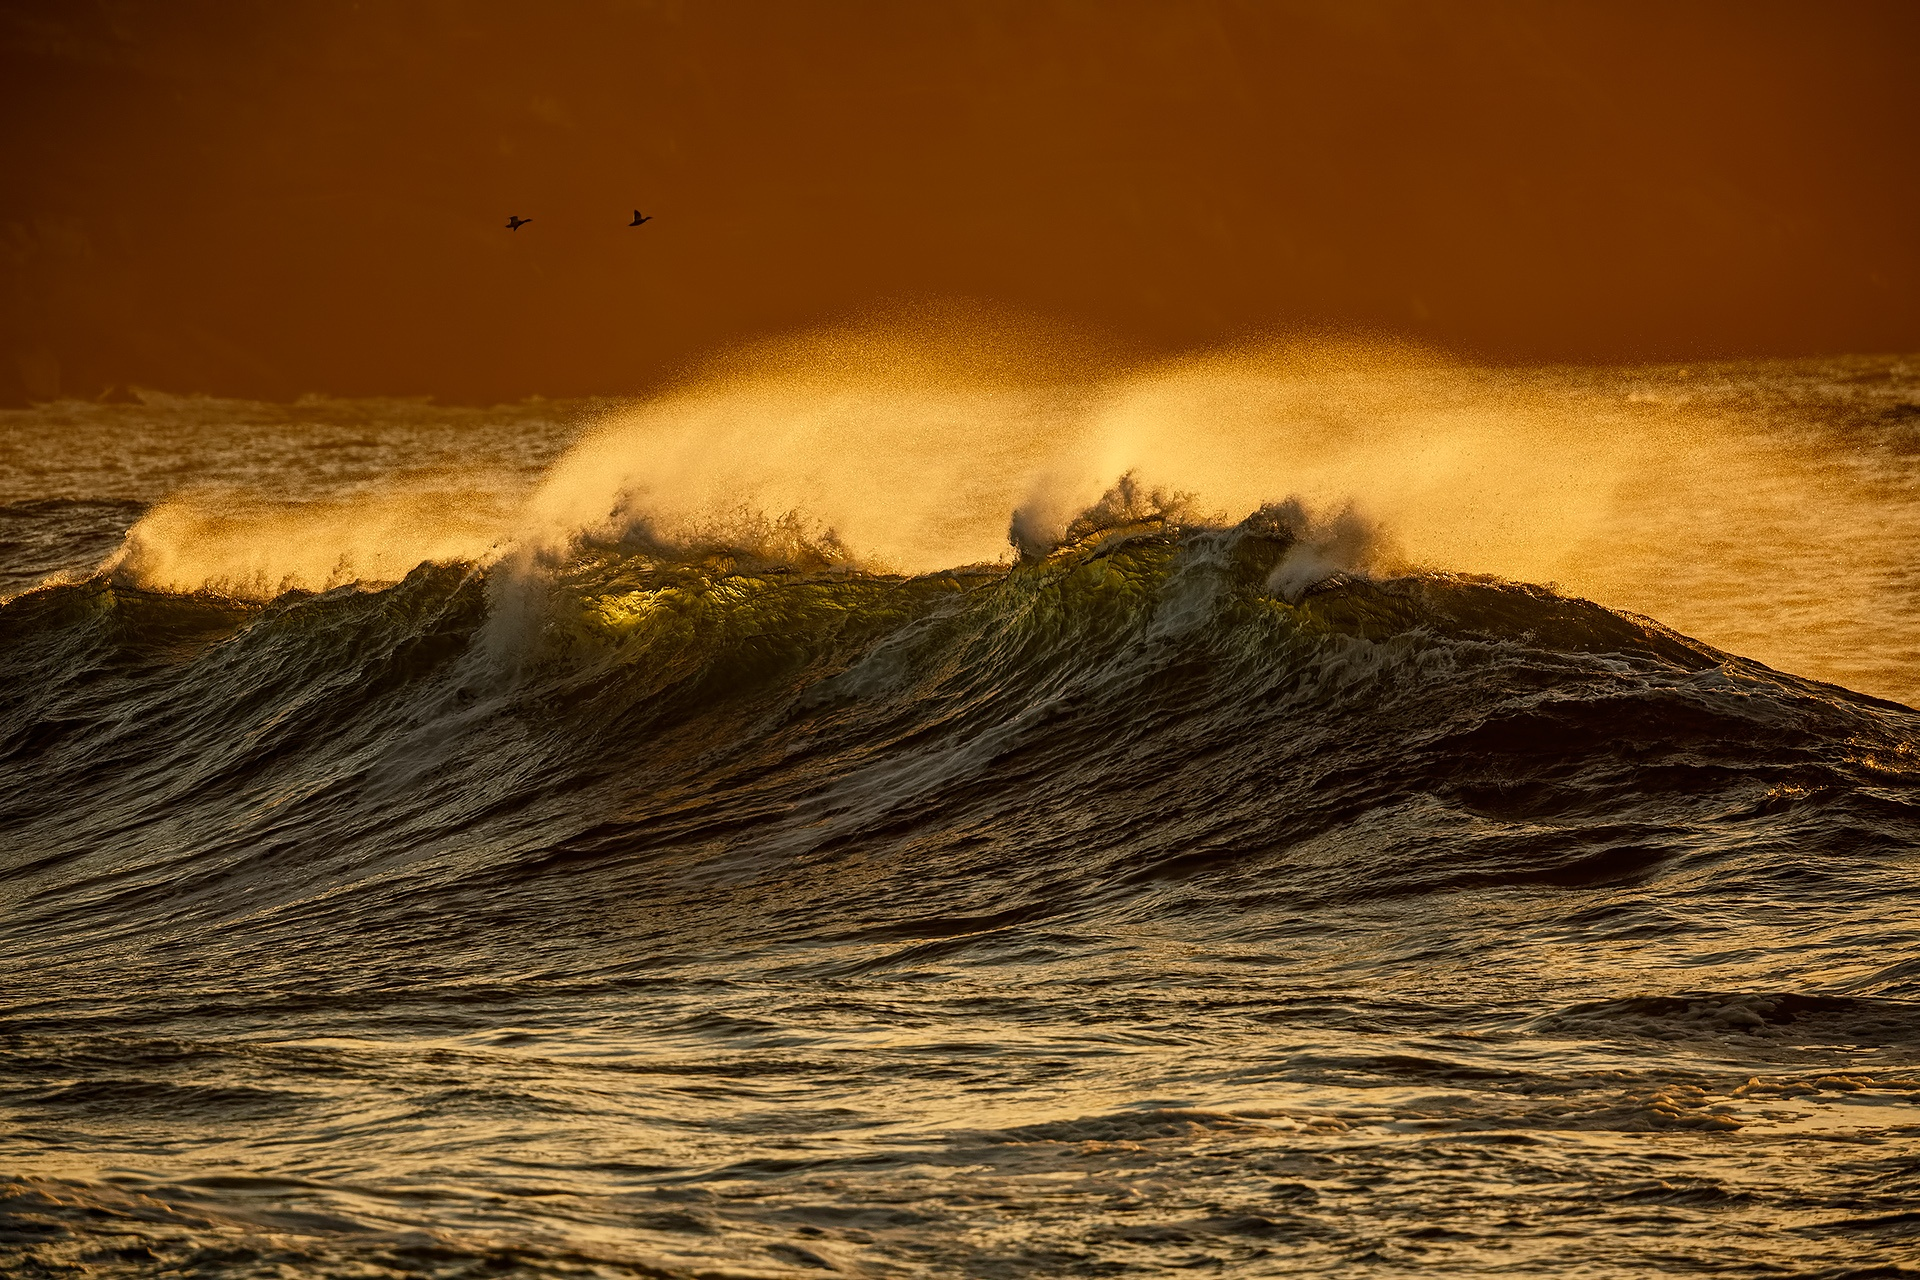 Overflying the waves - Mario Suarez - Portfolio Natural, Fotografía de Naturaleza de Autor